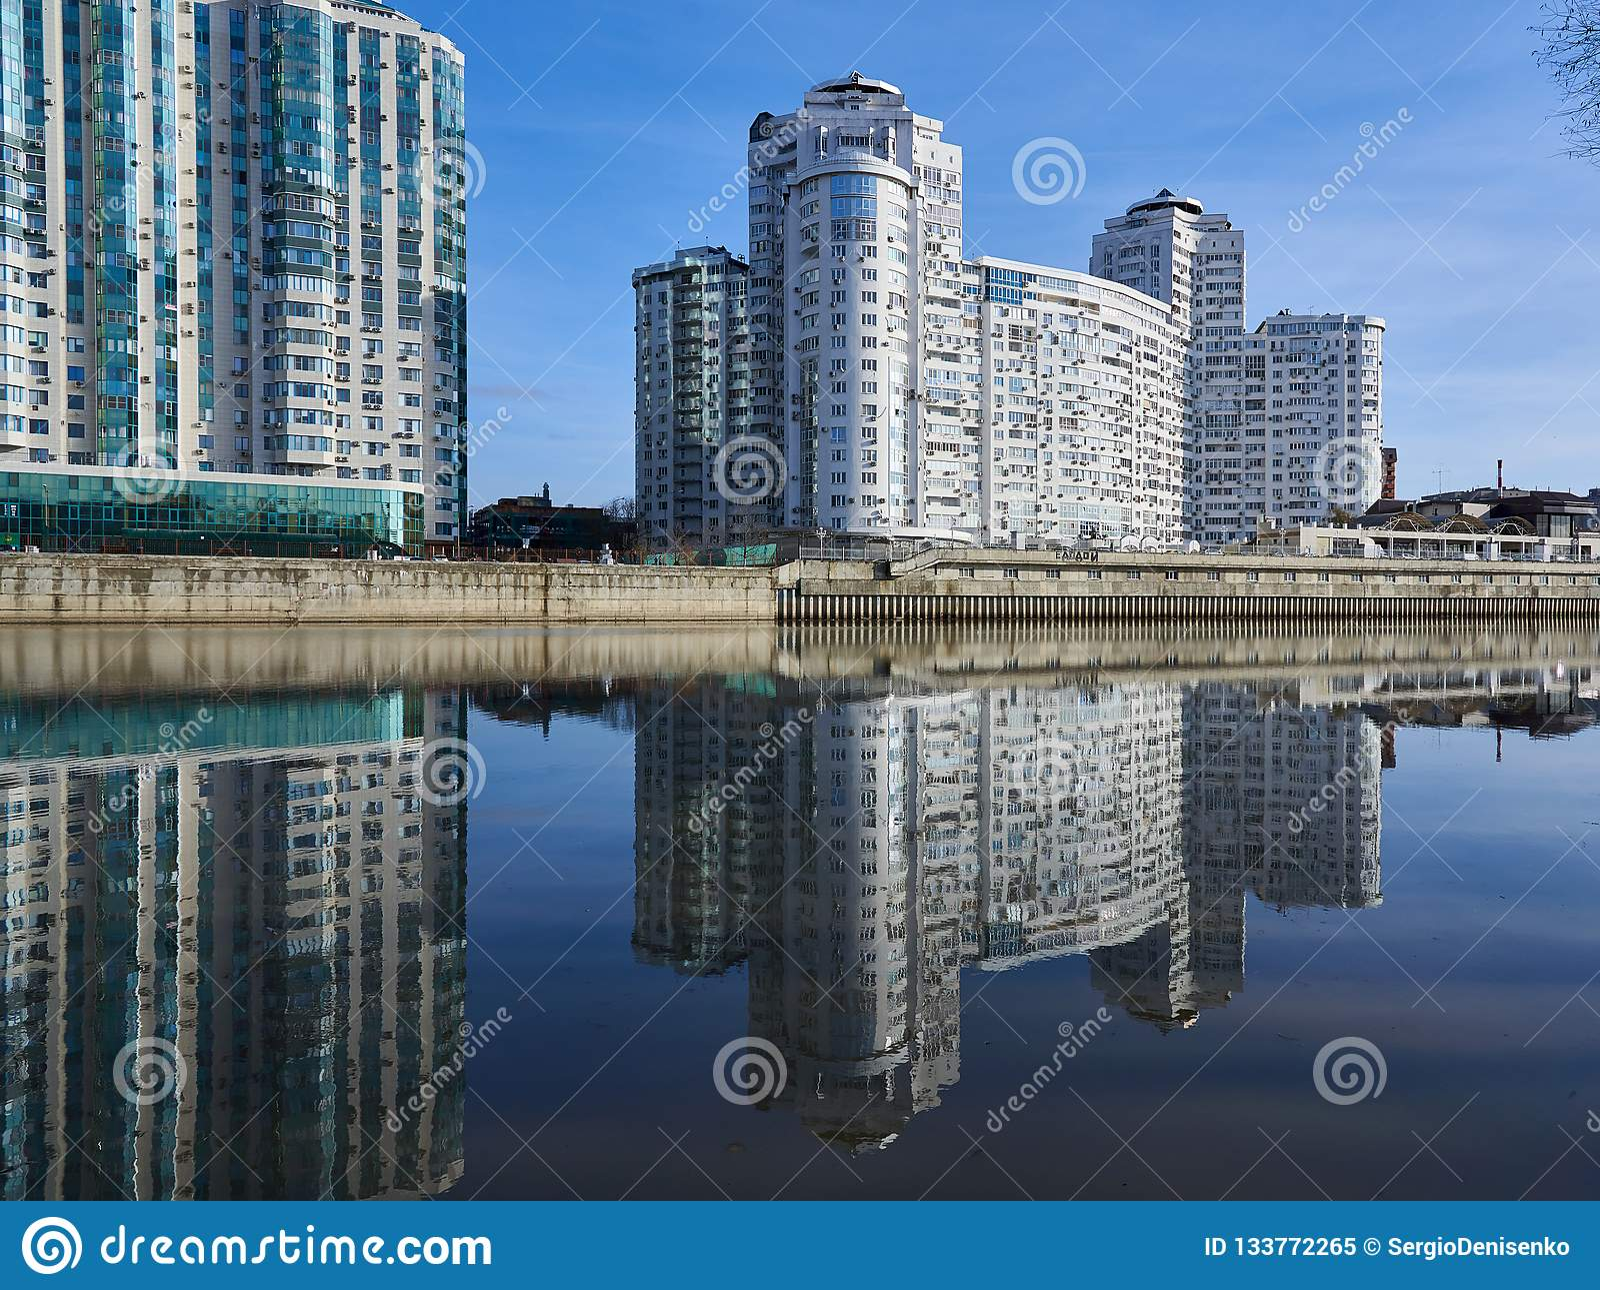 JK Brigantina Kubanskaya Naberezhnaya 31-1 Zadziwiający widok luksus mieszkaniowy drapacz chmur powikłani